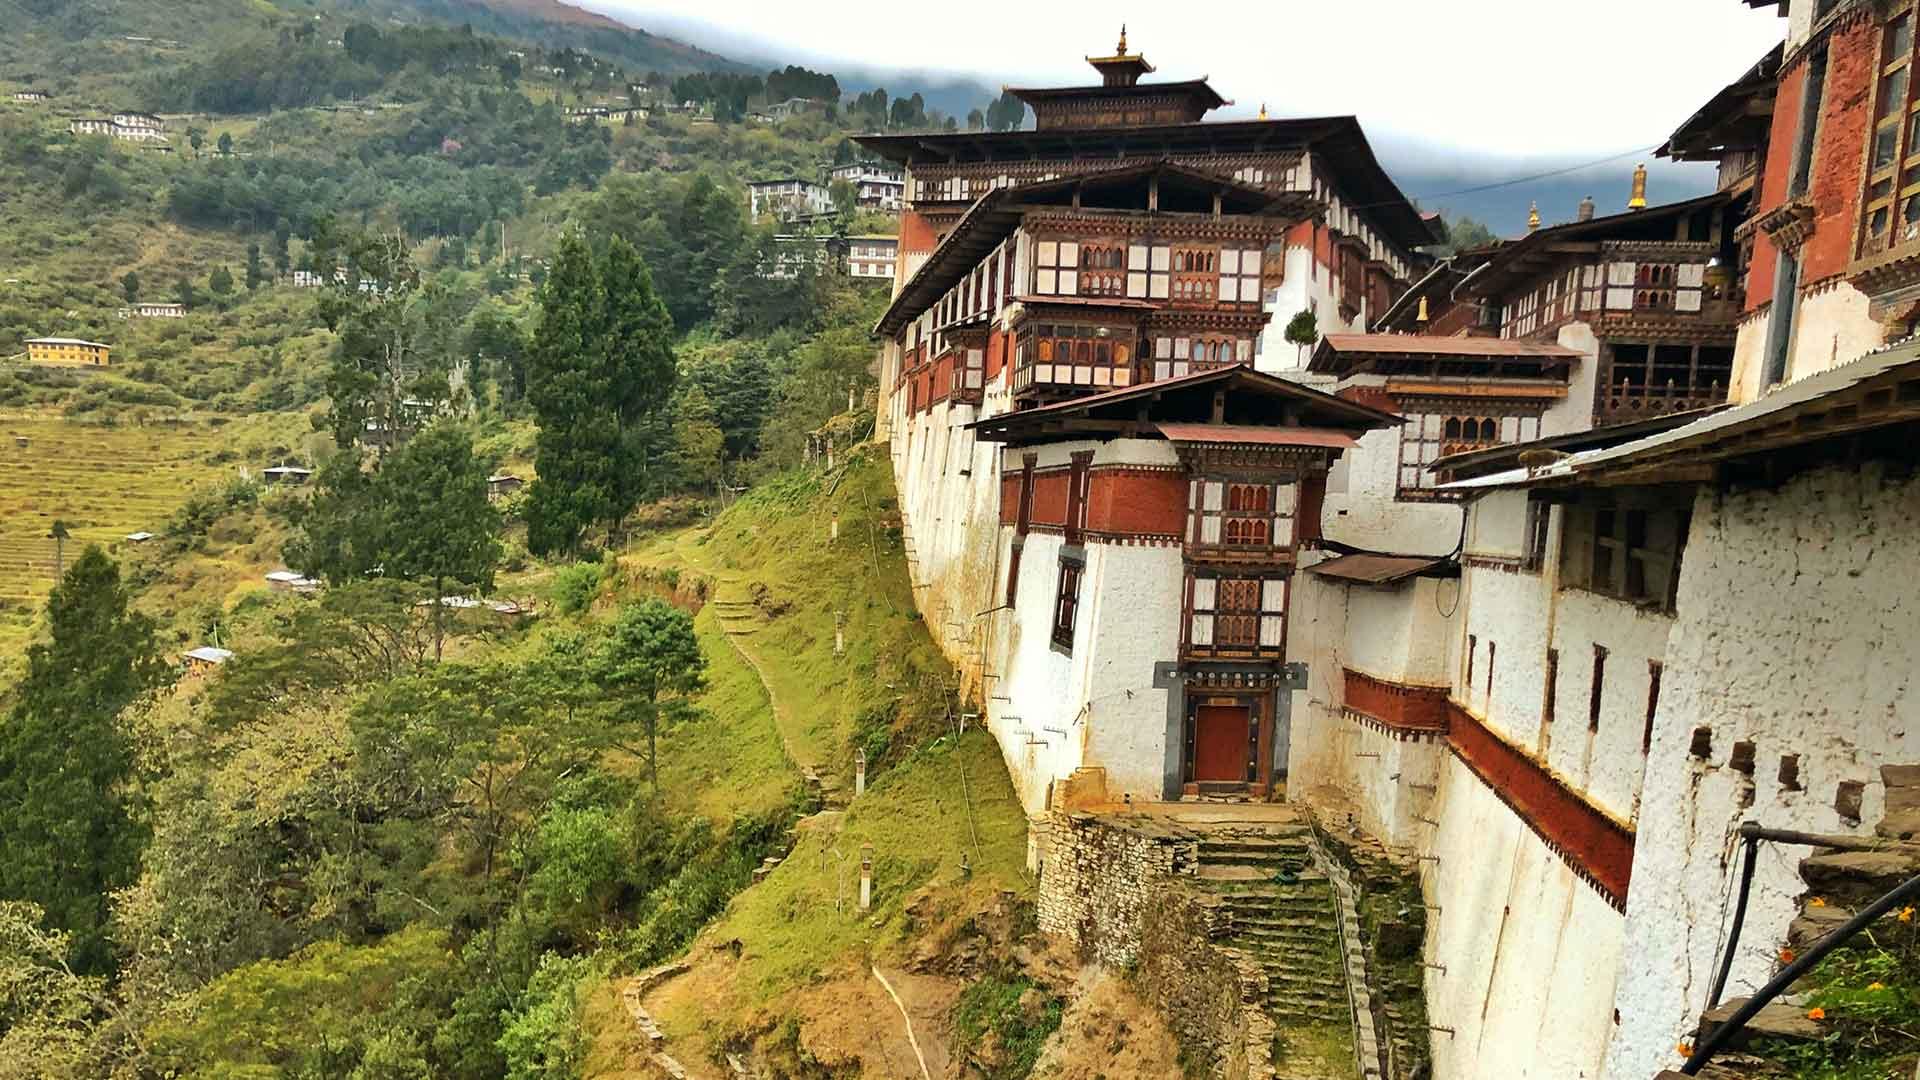 Bhutan, dzong in countryside